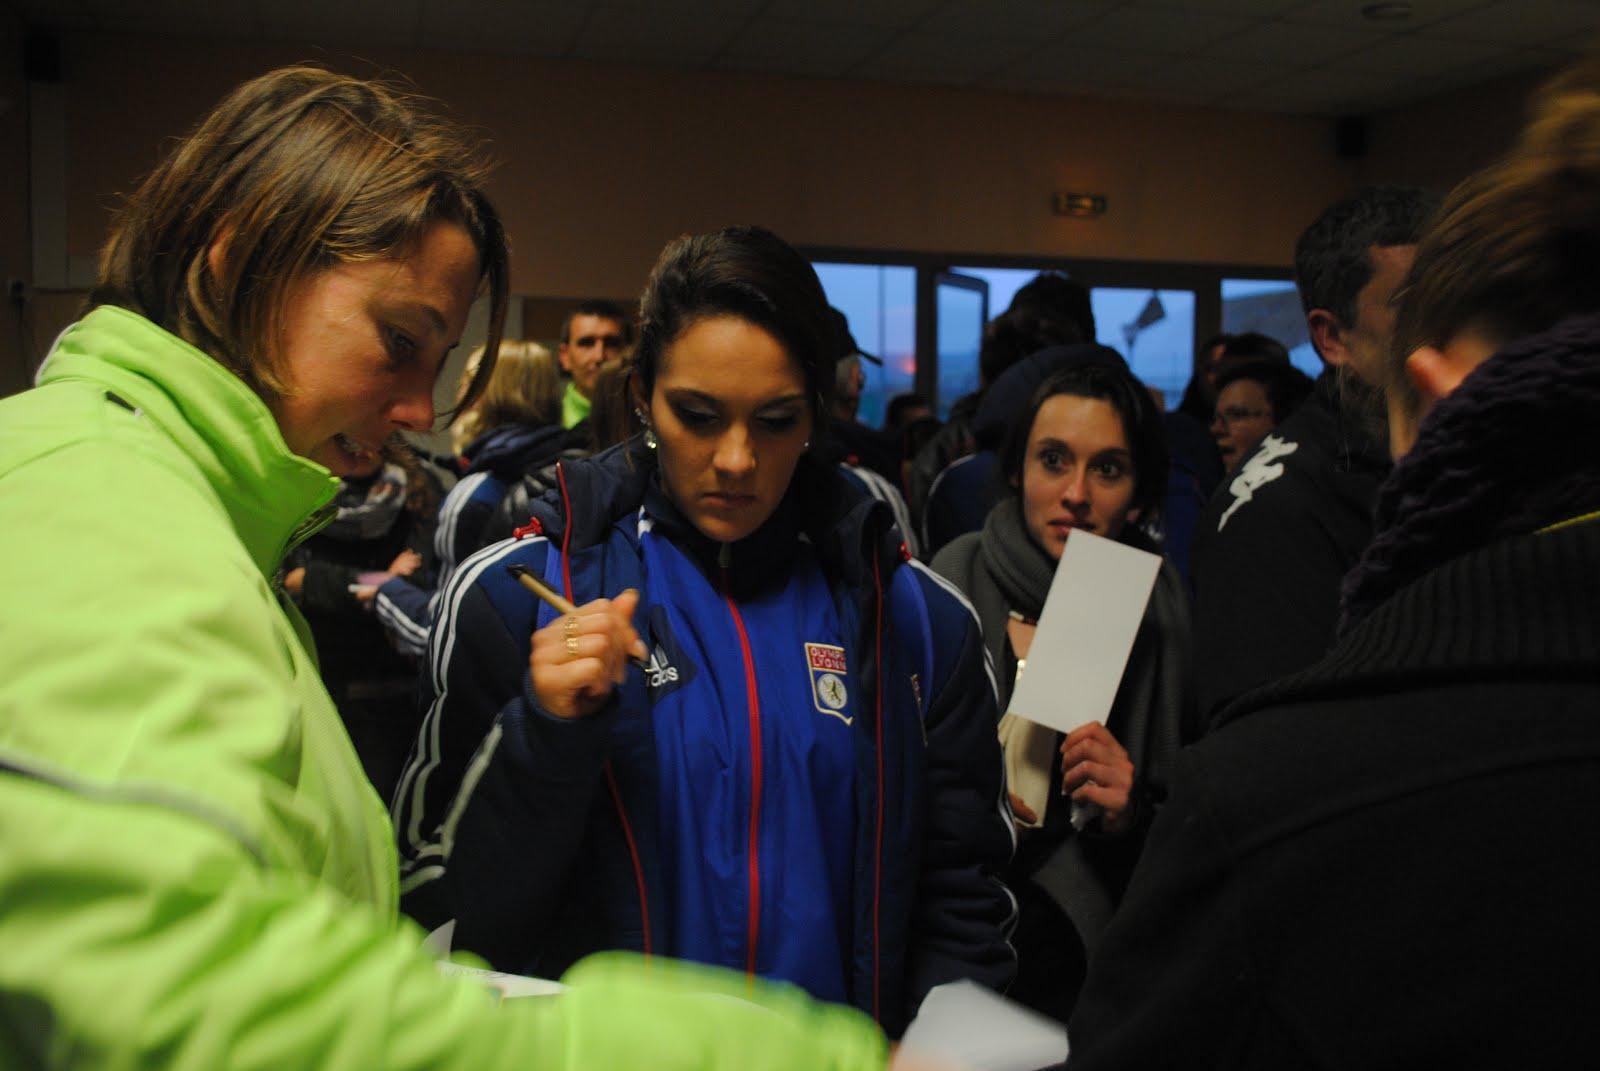 Louisa necib france tirage au sort des 32 me de - Tirage au sort 32eme coupe de france ...